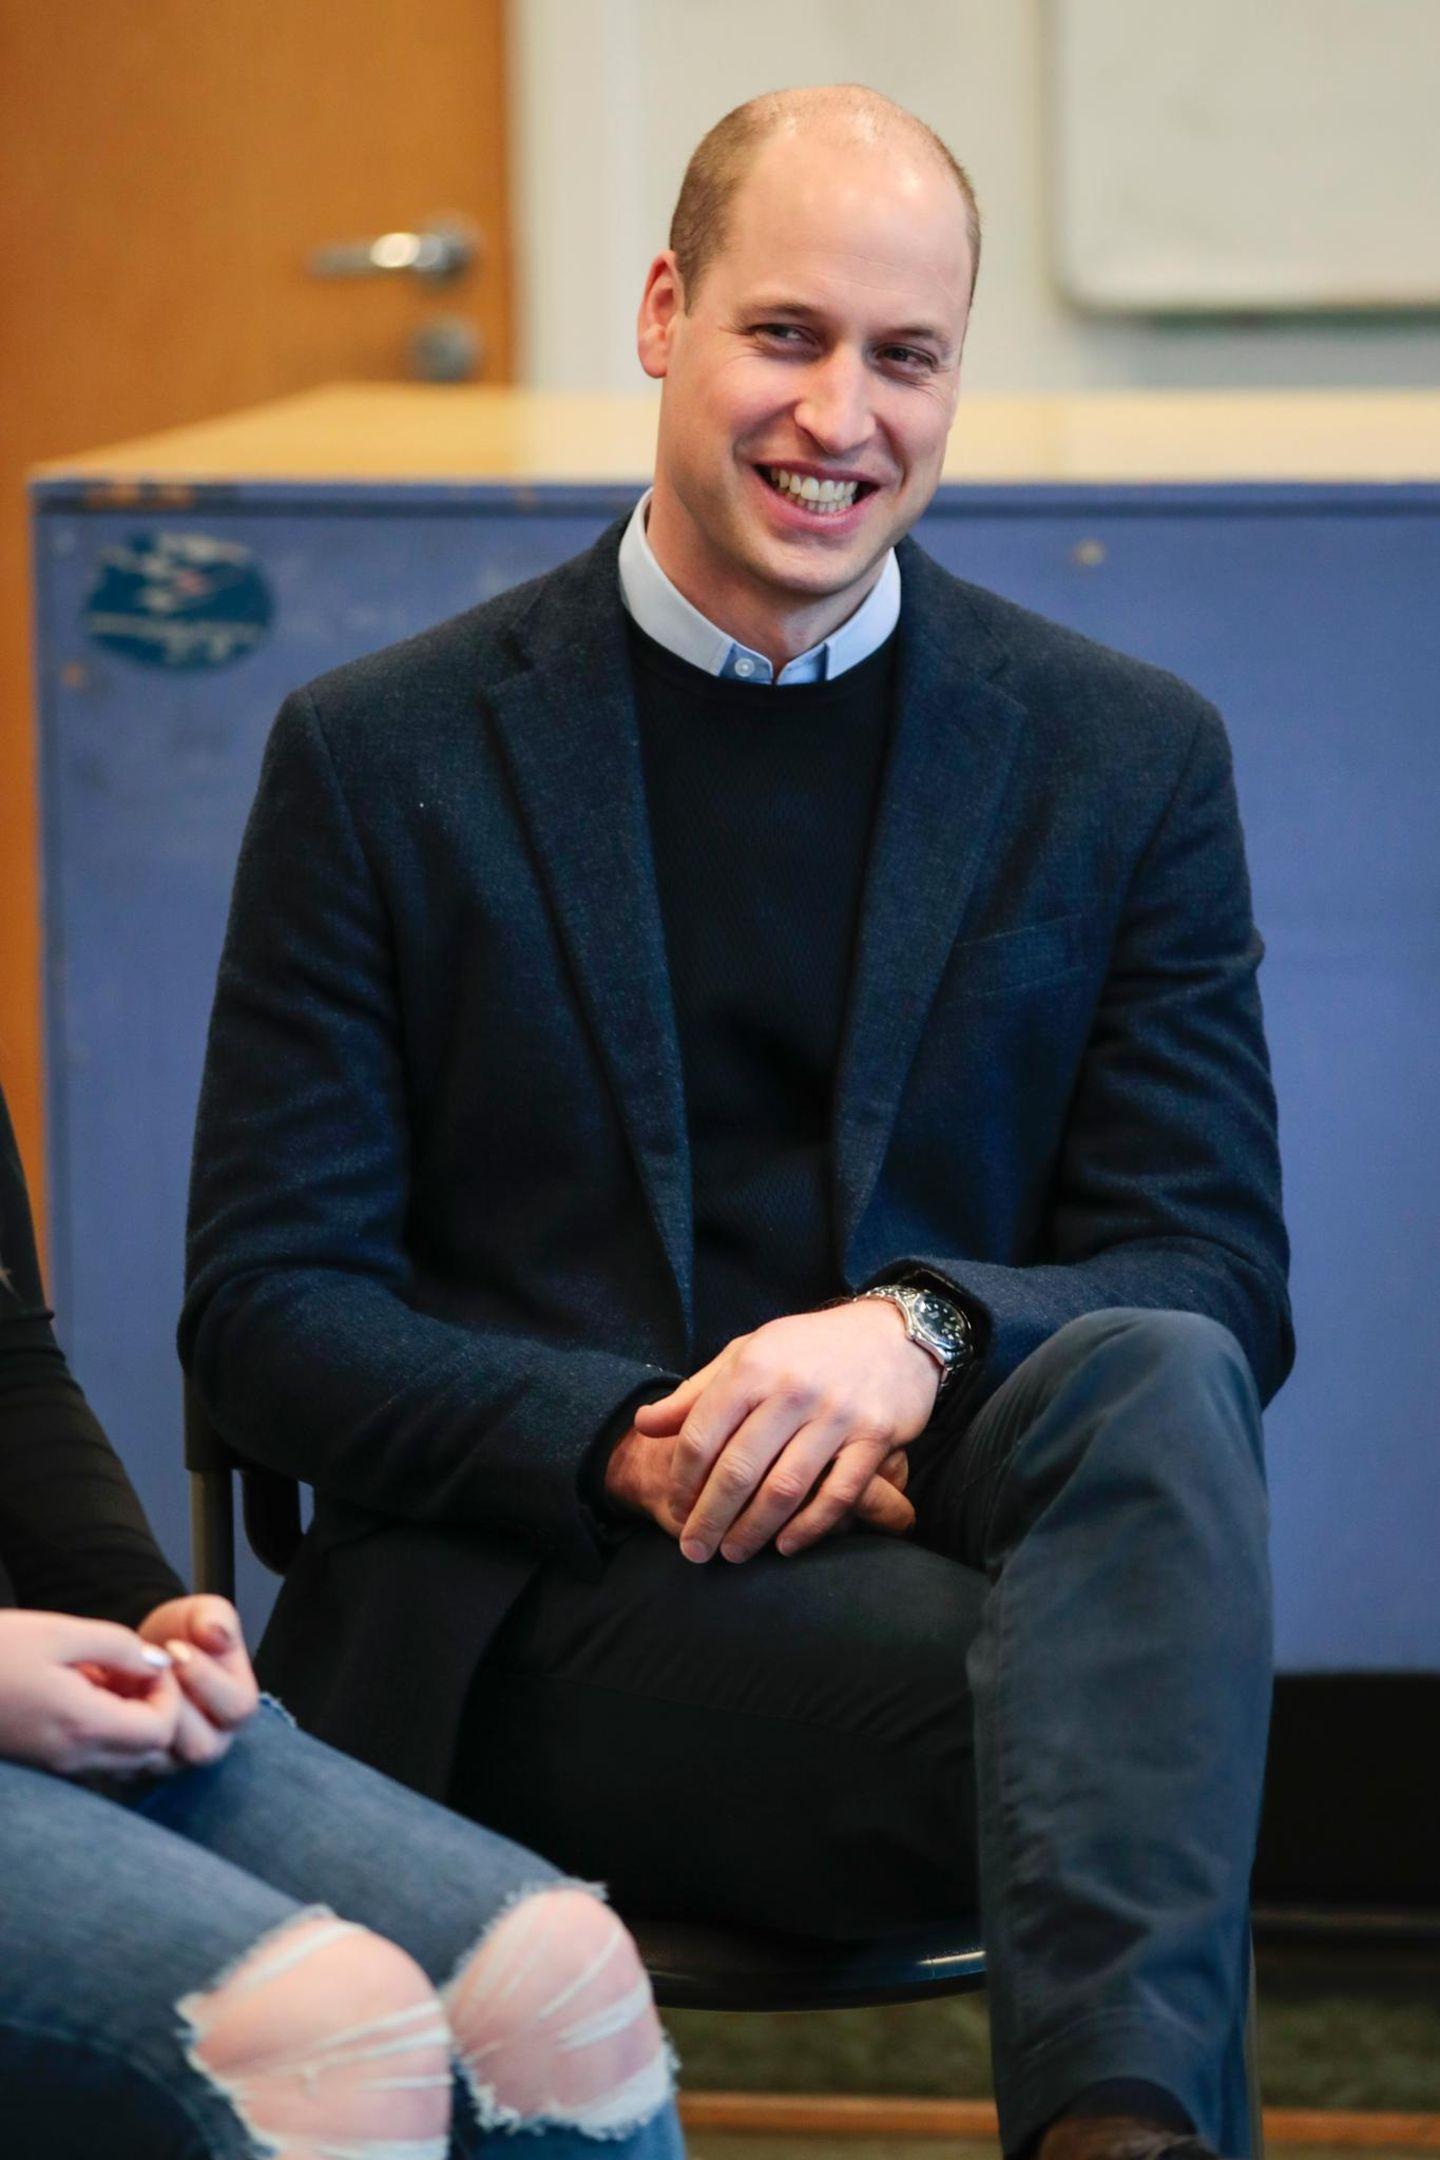 Prinz William heute: Die schwindende Haarpracht des künftigen Thronfolgers ist zu seinem Markenzeichen geworden. Doch der Queen-Enkel sah auch mal anders aus.